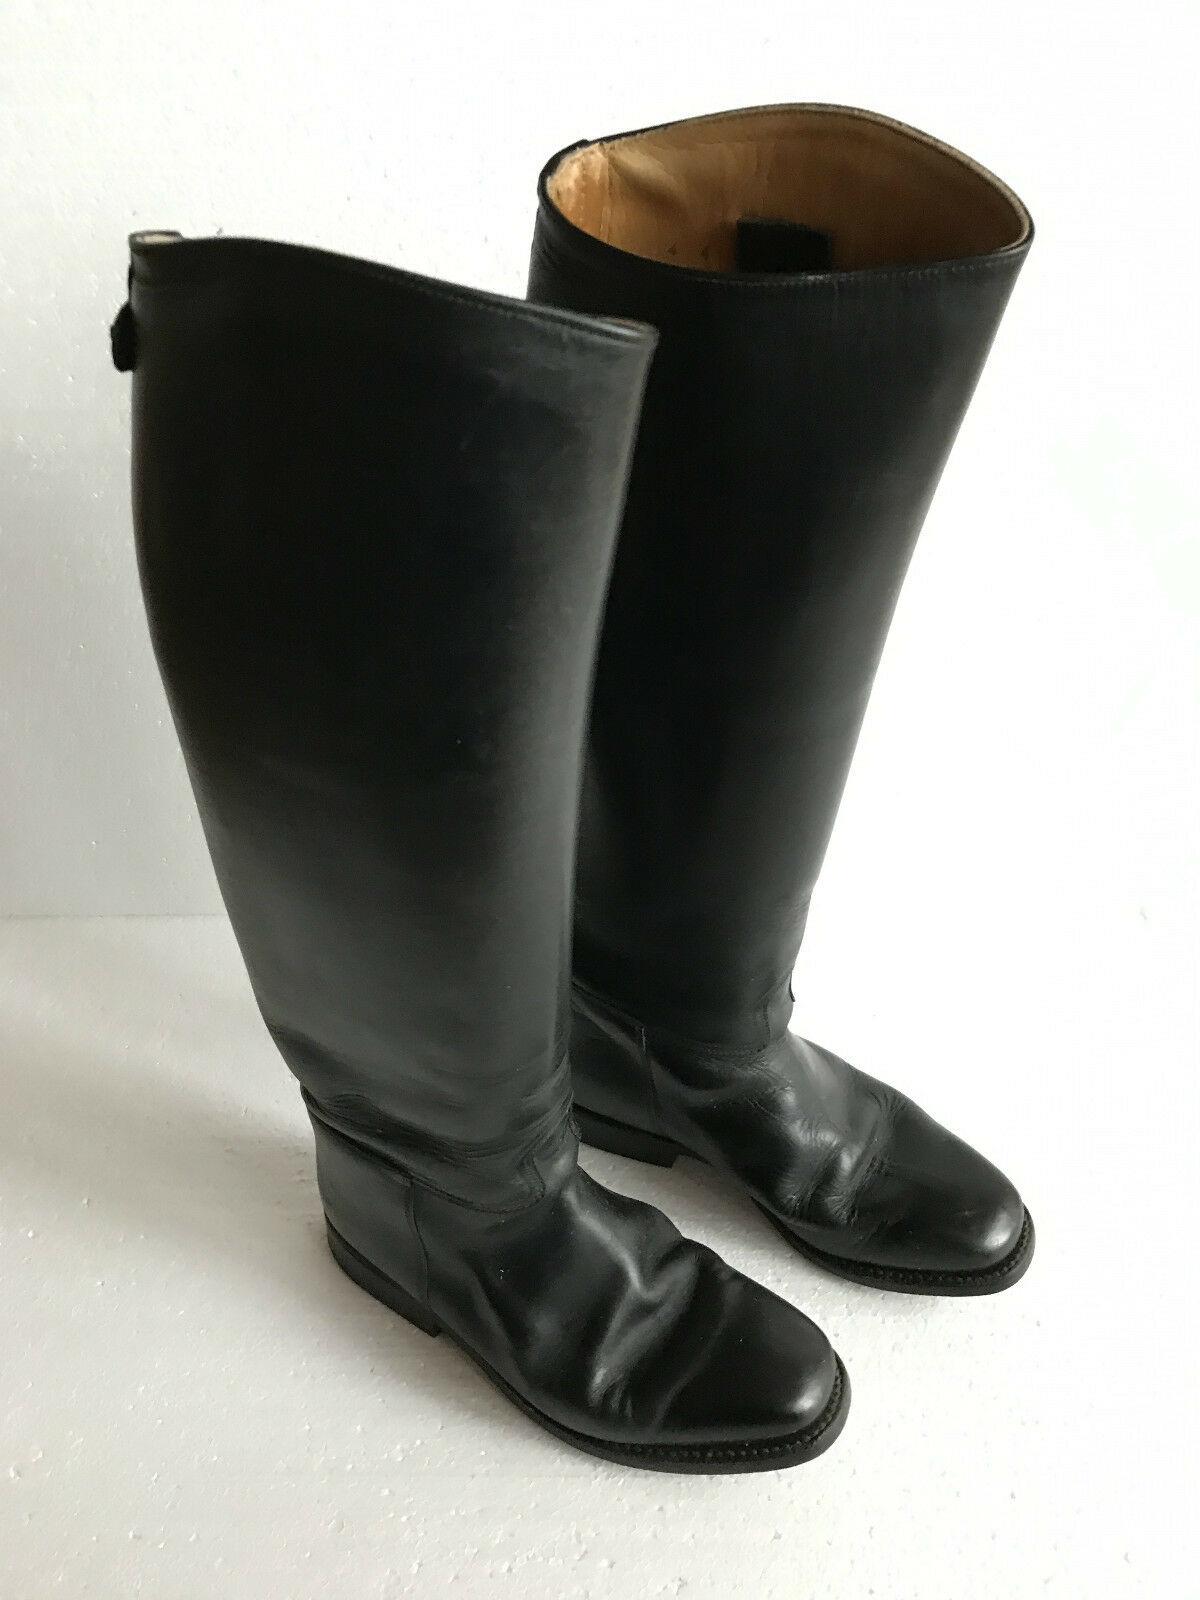 Cavallo Reit Stiefel - Leder - Gr. 36 - Top gepflegt